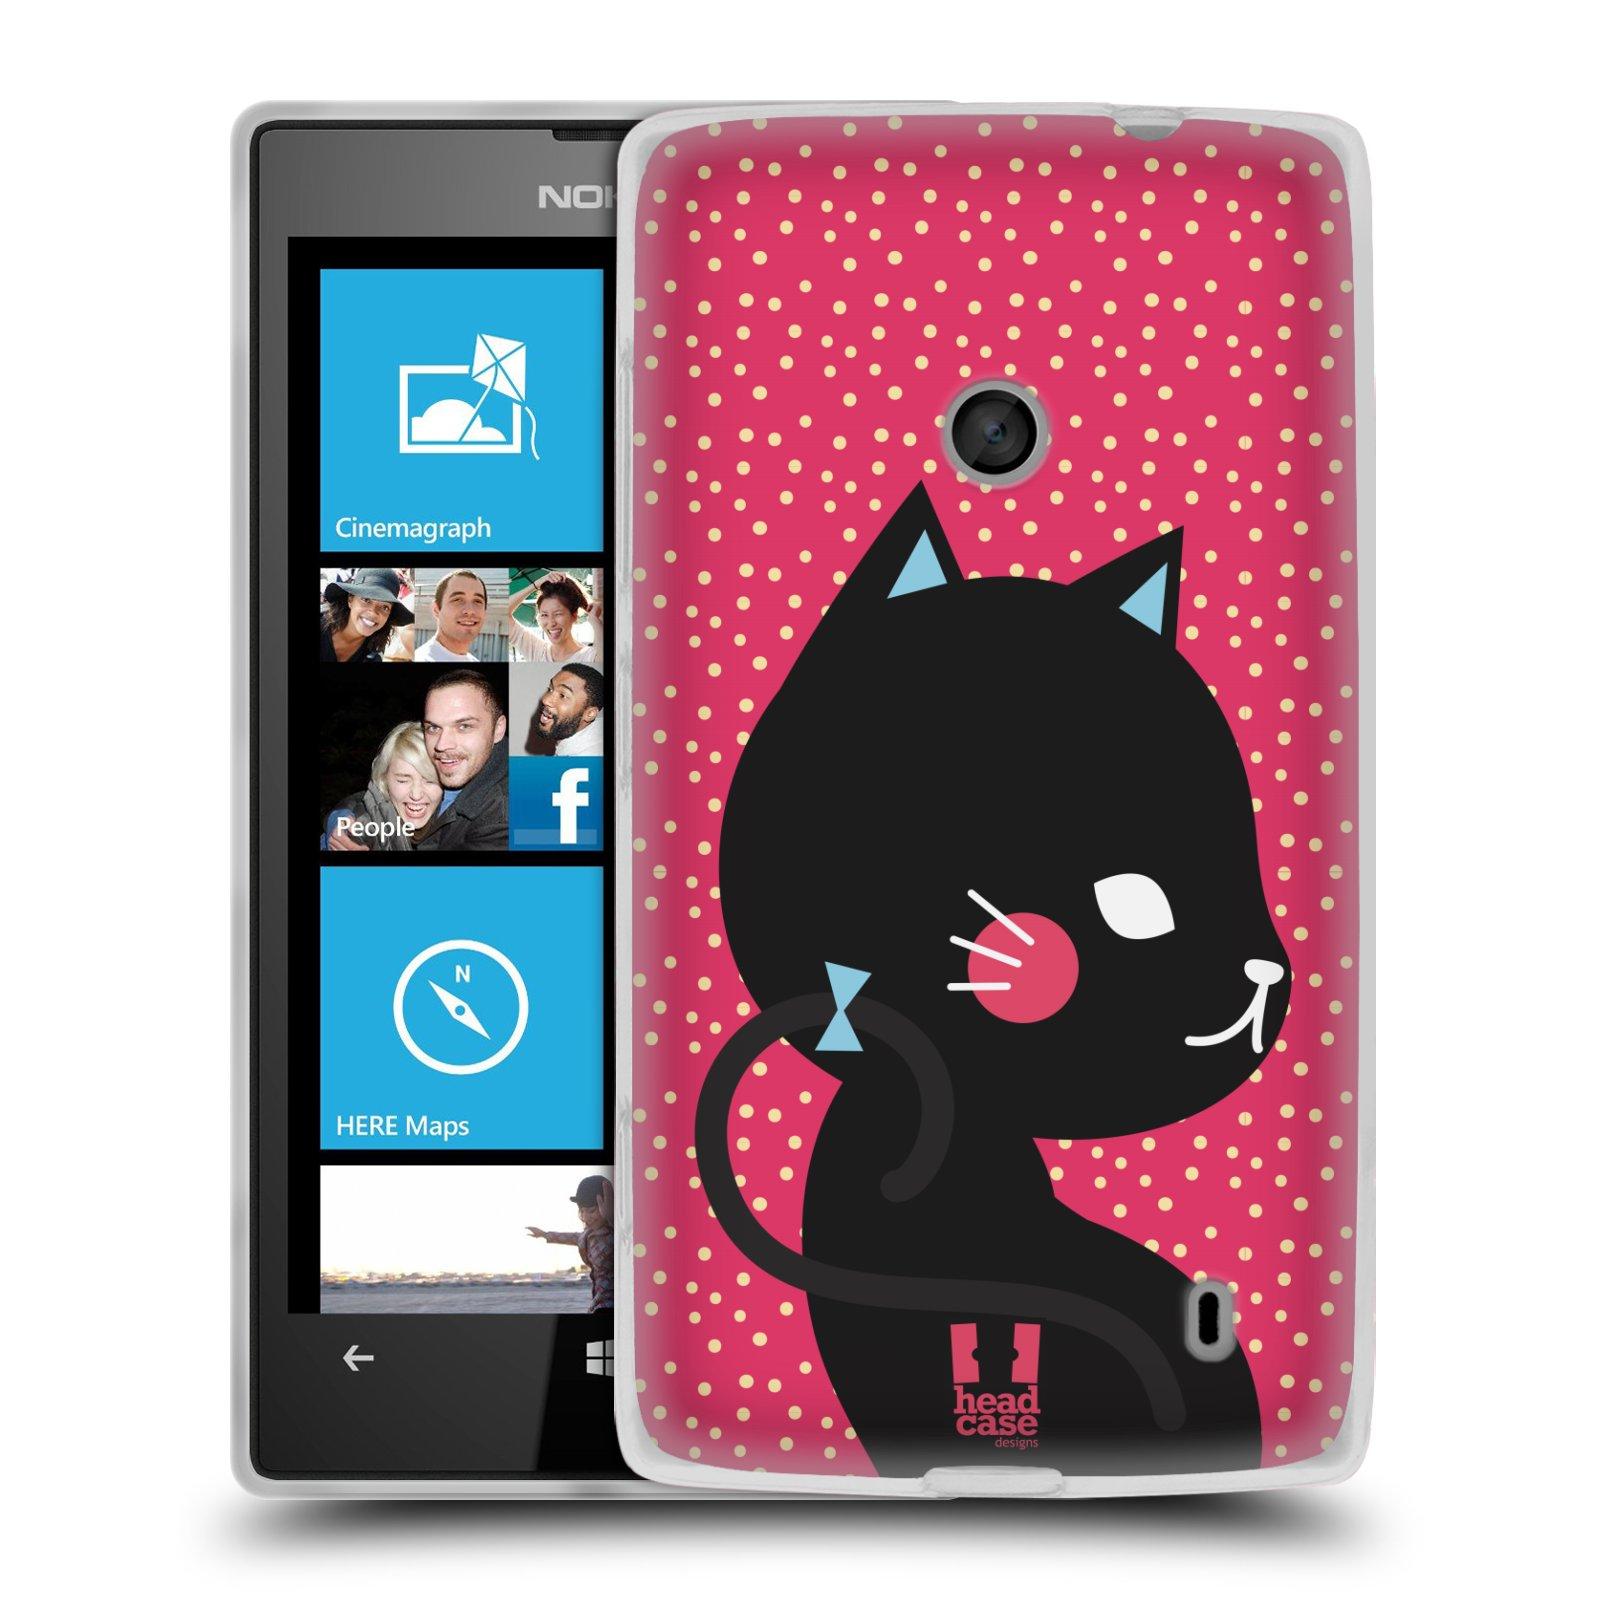 Silikonové pouzdro na mobil Nokia Lumia 520 HEAD CASE KOČIČKA ČERNÁ NA RŮŽOVÉ (Silikonový Kryt či obal na mobilní telefon Nokia Lumia 520)